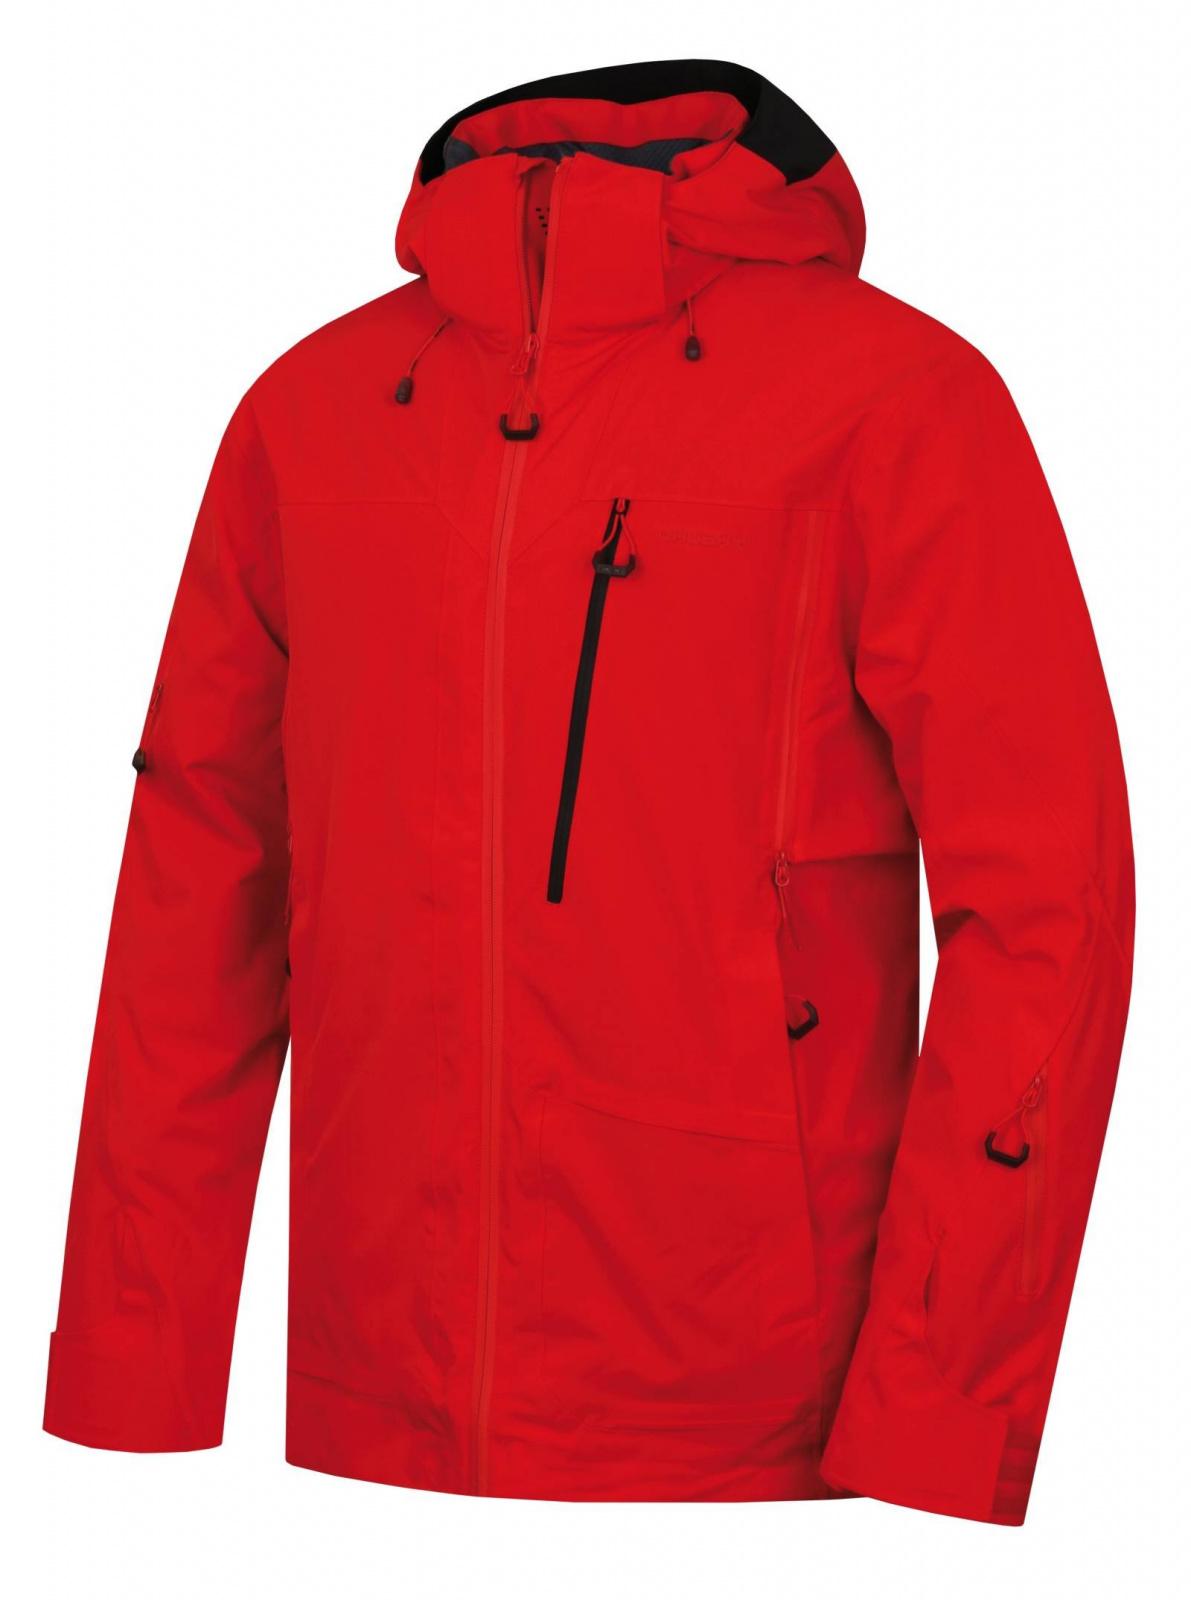 Husky Montry M červená, XL Pánska lyžiarska bunda